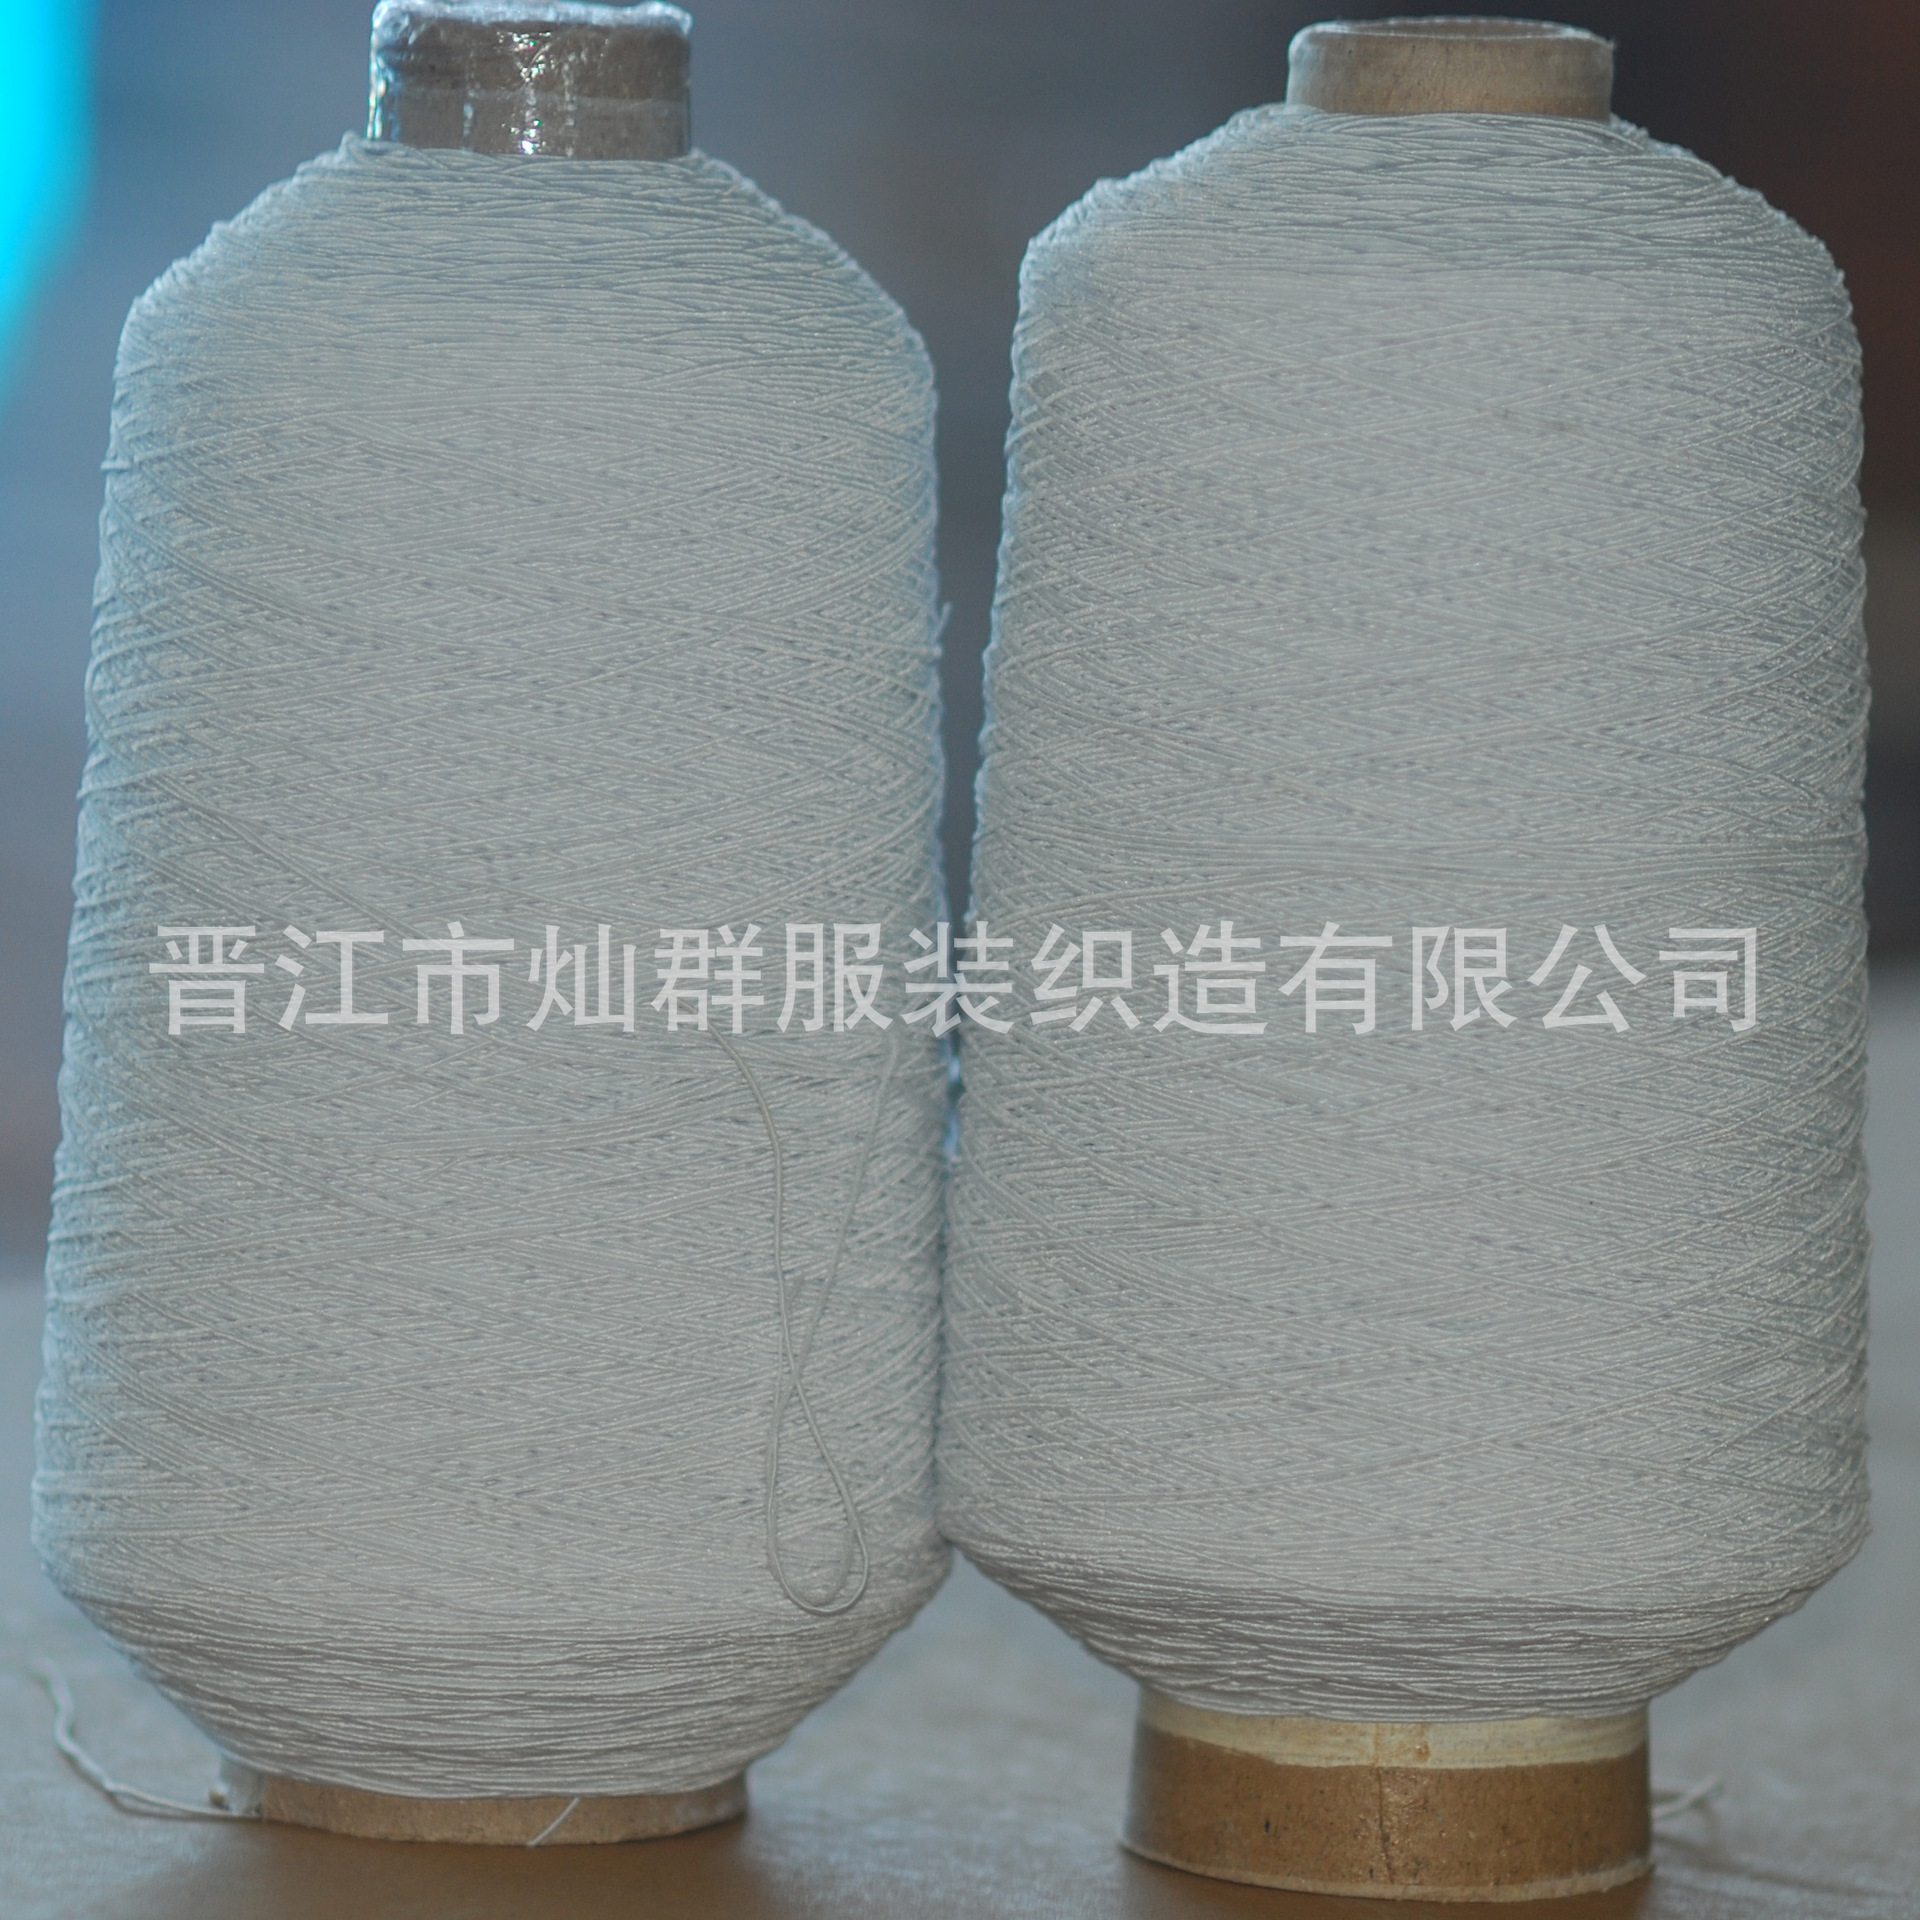 厂家直销服装辅料63#白色进口乳胶丝包覆纱弹力线手套专用